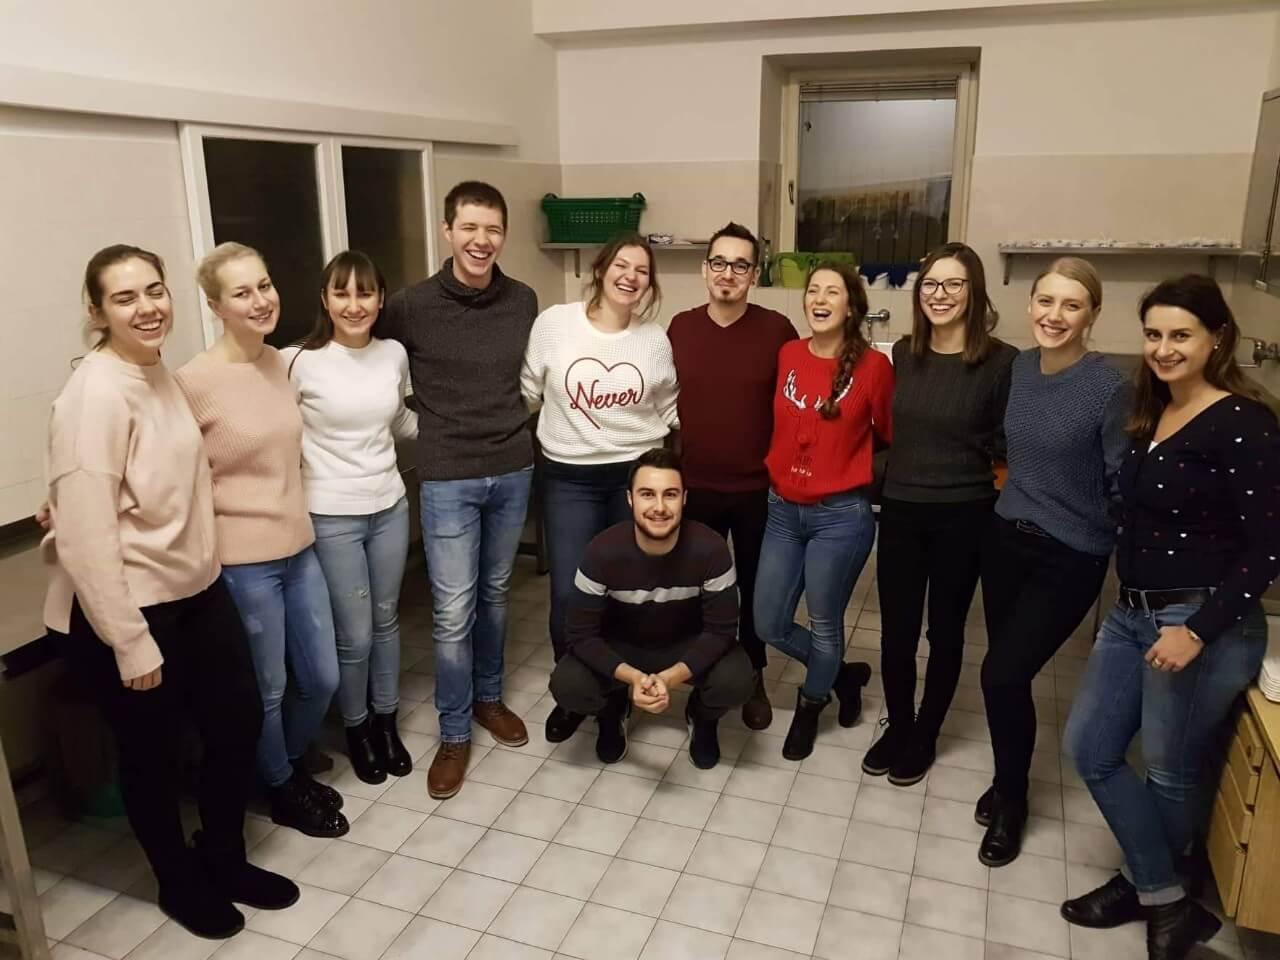 Društveno korisna nastava na zagrebačkom faksu: Kad izađu iz učionice, ovi studenti uče i rade puna srca